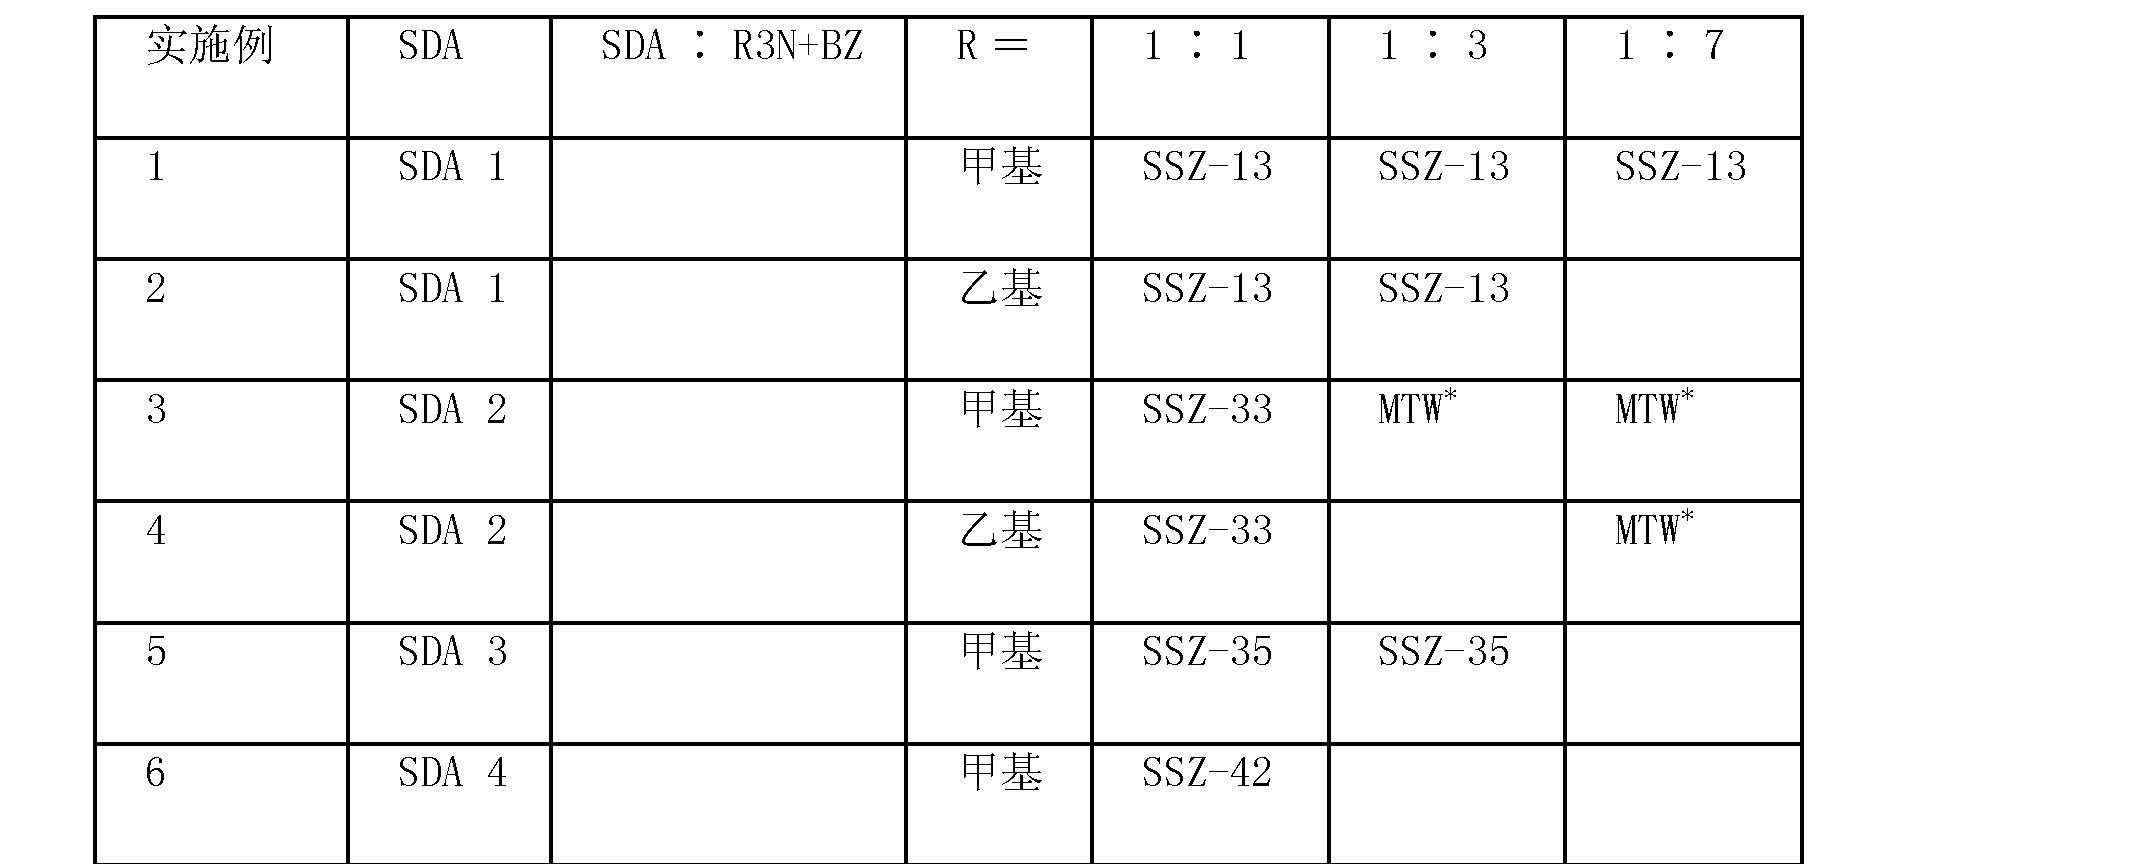 使用结构导向剂和N,N,N-三烷基苄基季铵阳离子制备分 A-A- 子师 [0001] 本申请要求2006年9月25日提交的临时申请序号60/826882的权益。 [0002] 背景 [0003] 结晶分子筛通常从含有碱金属氧化物或碱土金属氧化物的源、氧化硅源、以及任选的例如氧化硼和/或氧化铝的源的含水反应混合物中制备。 [0004] 已经从含有有机结构导向剂(SDA),通常是含氮的有机阳离子,的反应混合物 中制备了分子筛。例如1990年10月16日授予给Zones的美国专利序号4963337公开了可使用